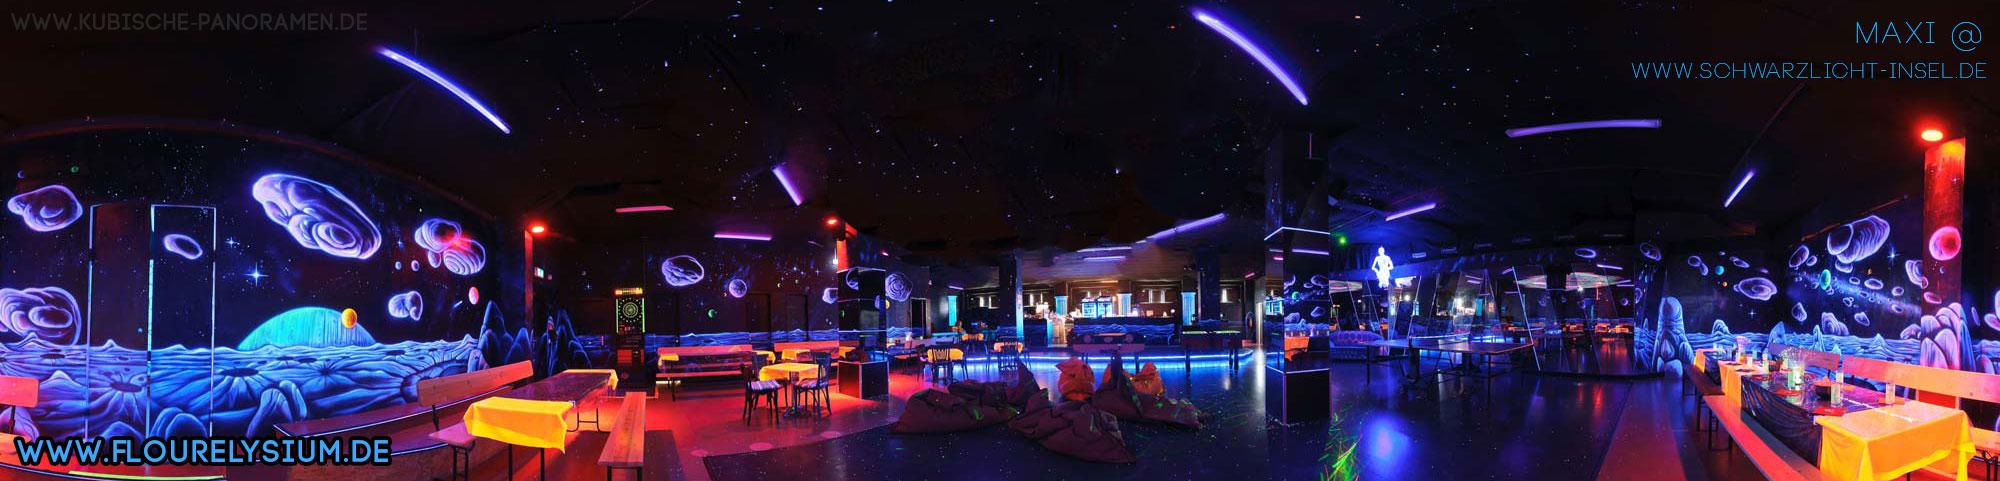 schwarzlicht-insel-bowling-bar